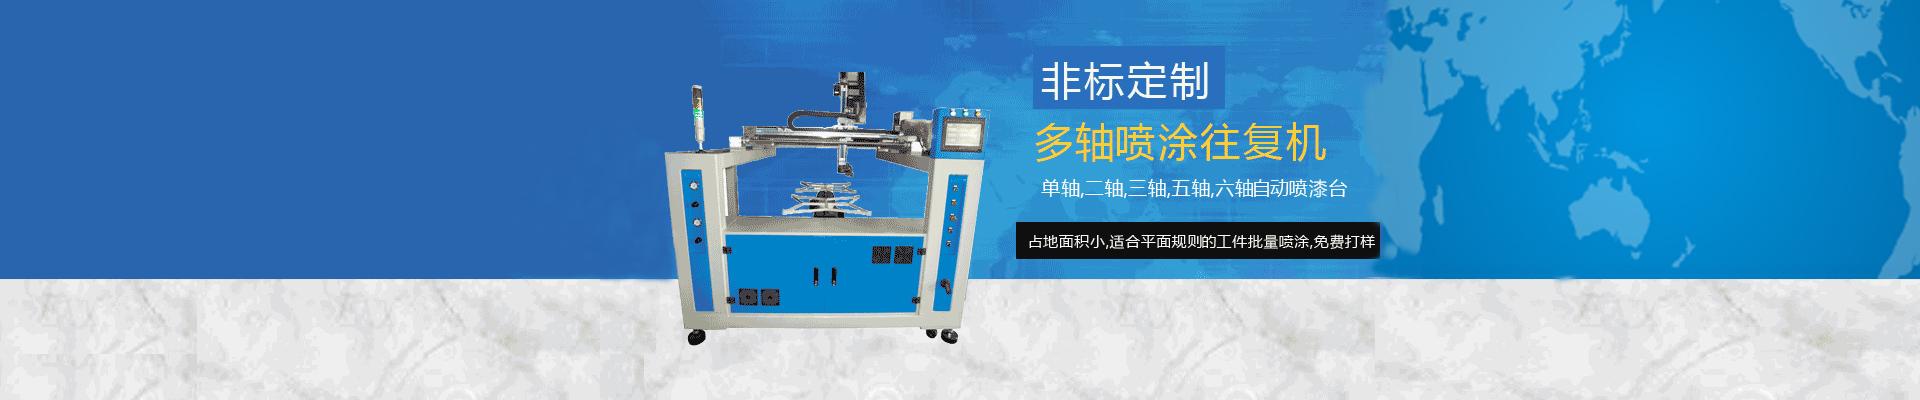 深圳市荣德机器人科技有限公司